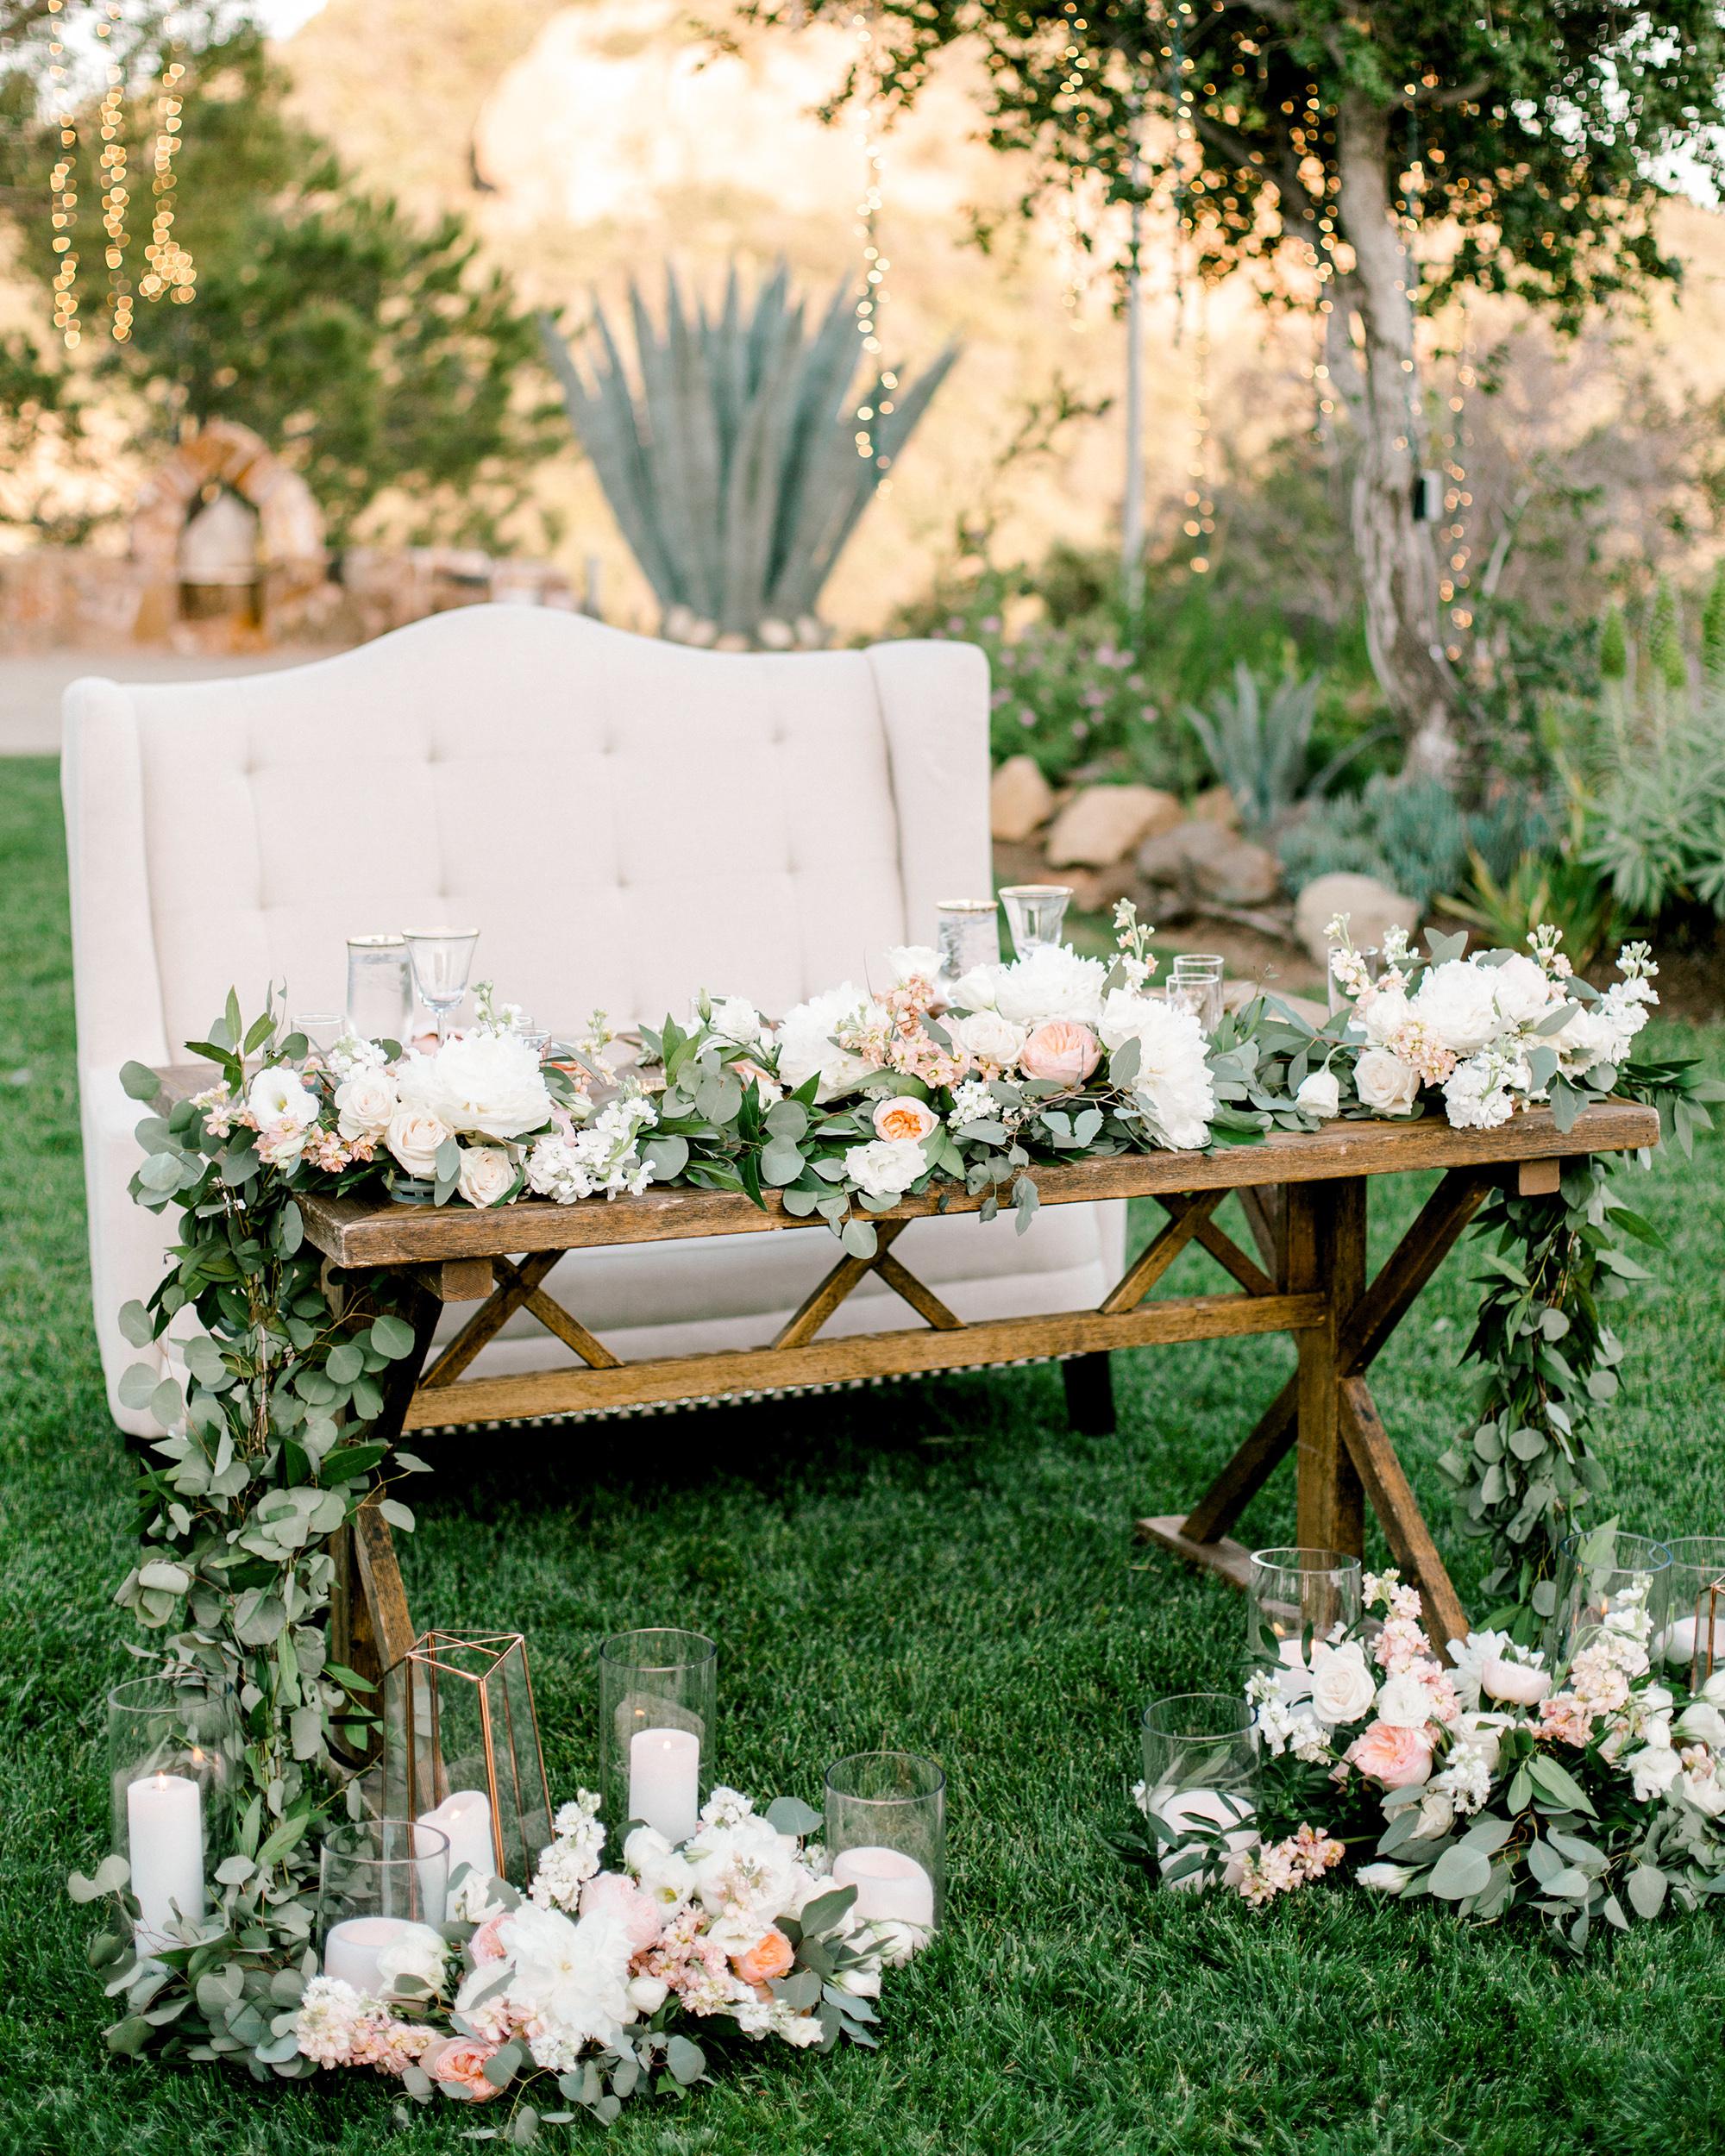 eucalyptus garland arrangement outdoor sweetheart table